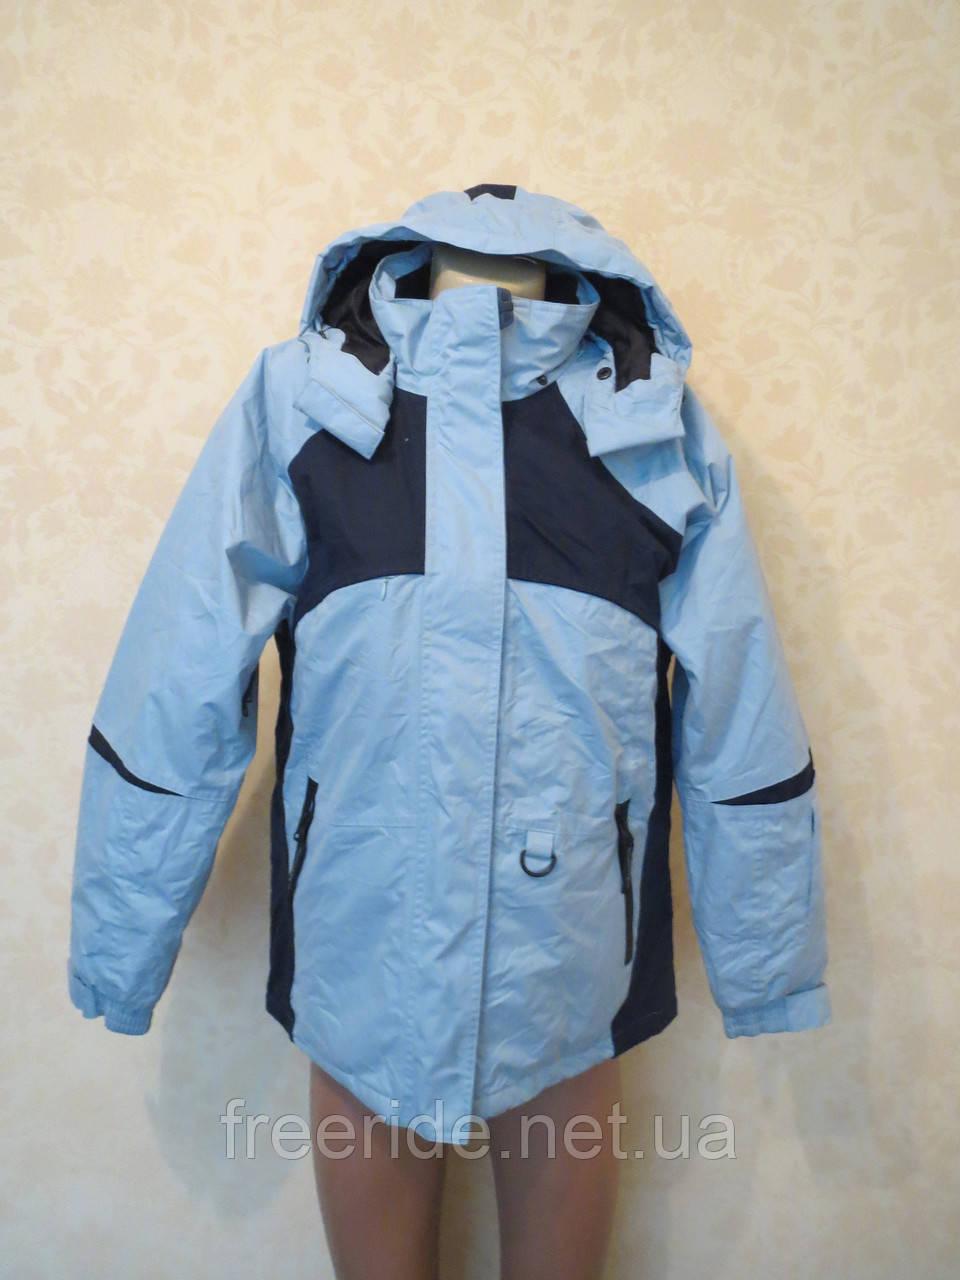 Женская лыжная термокуртка Result (L)